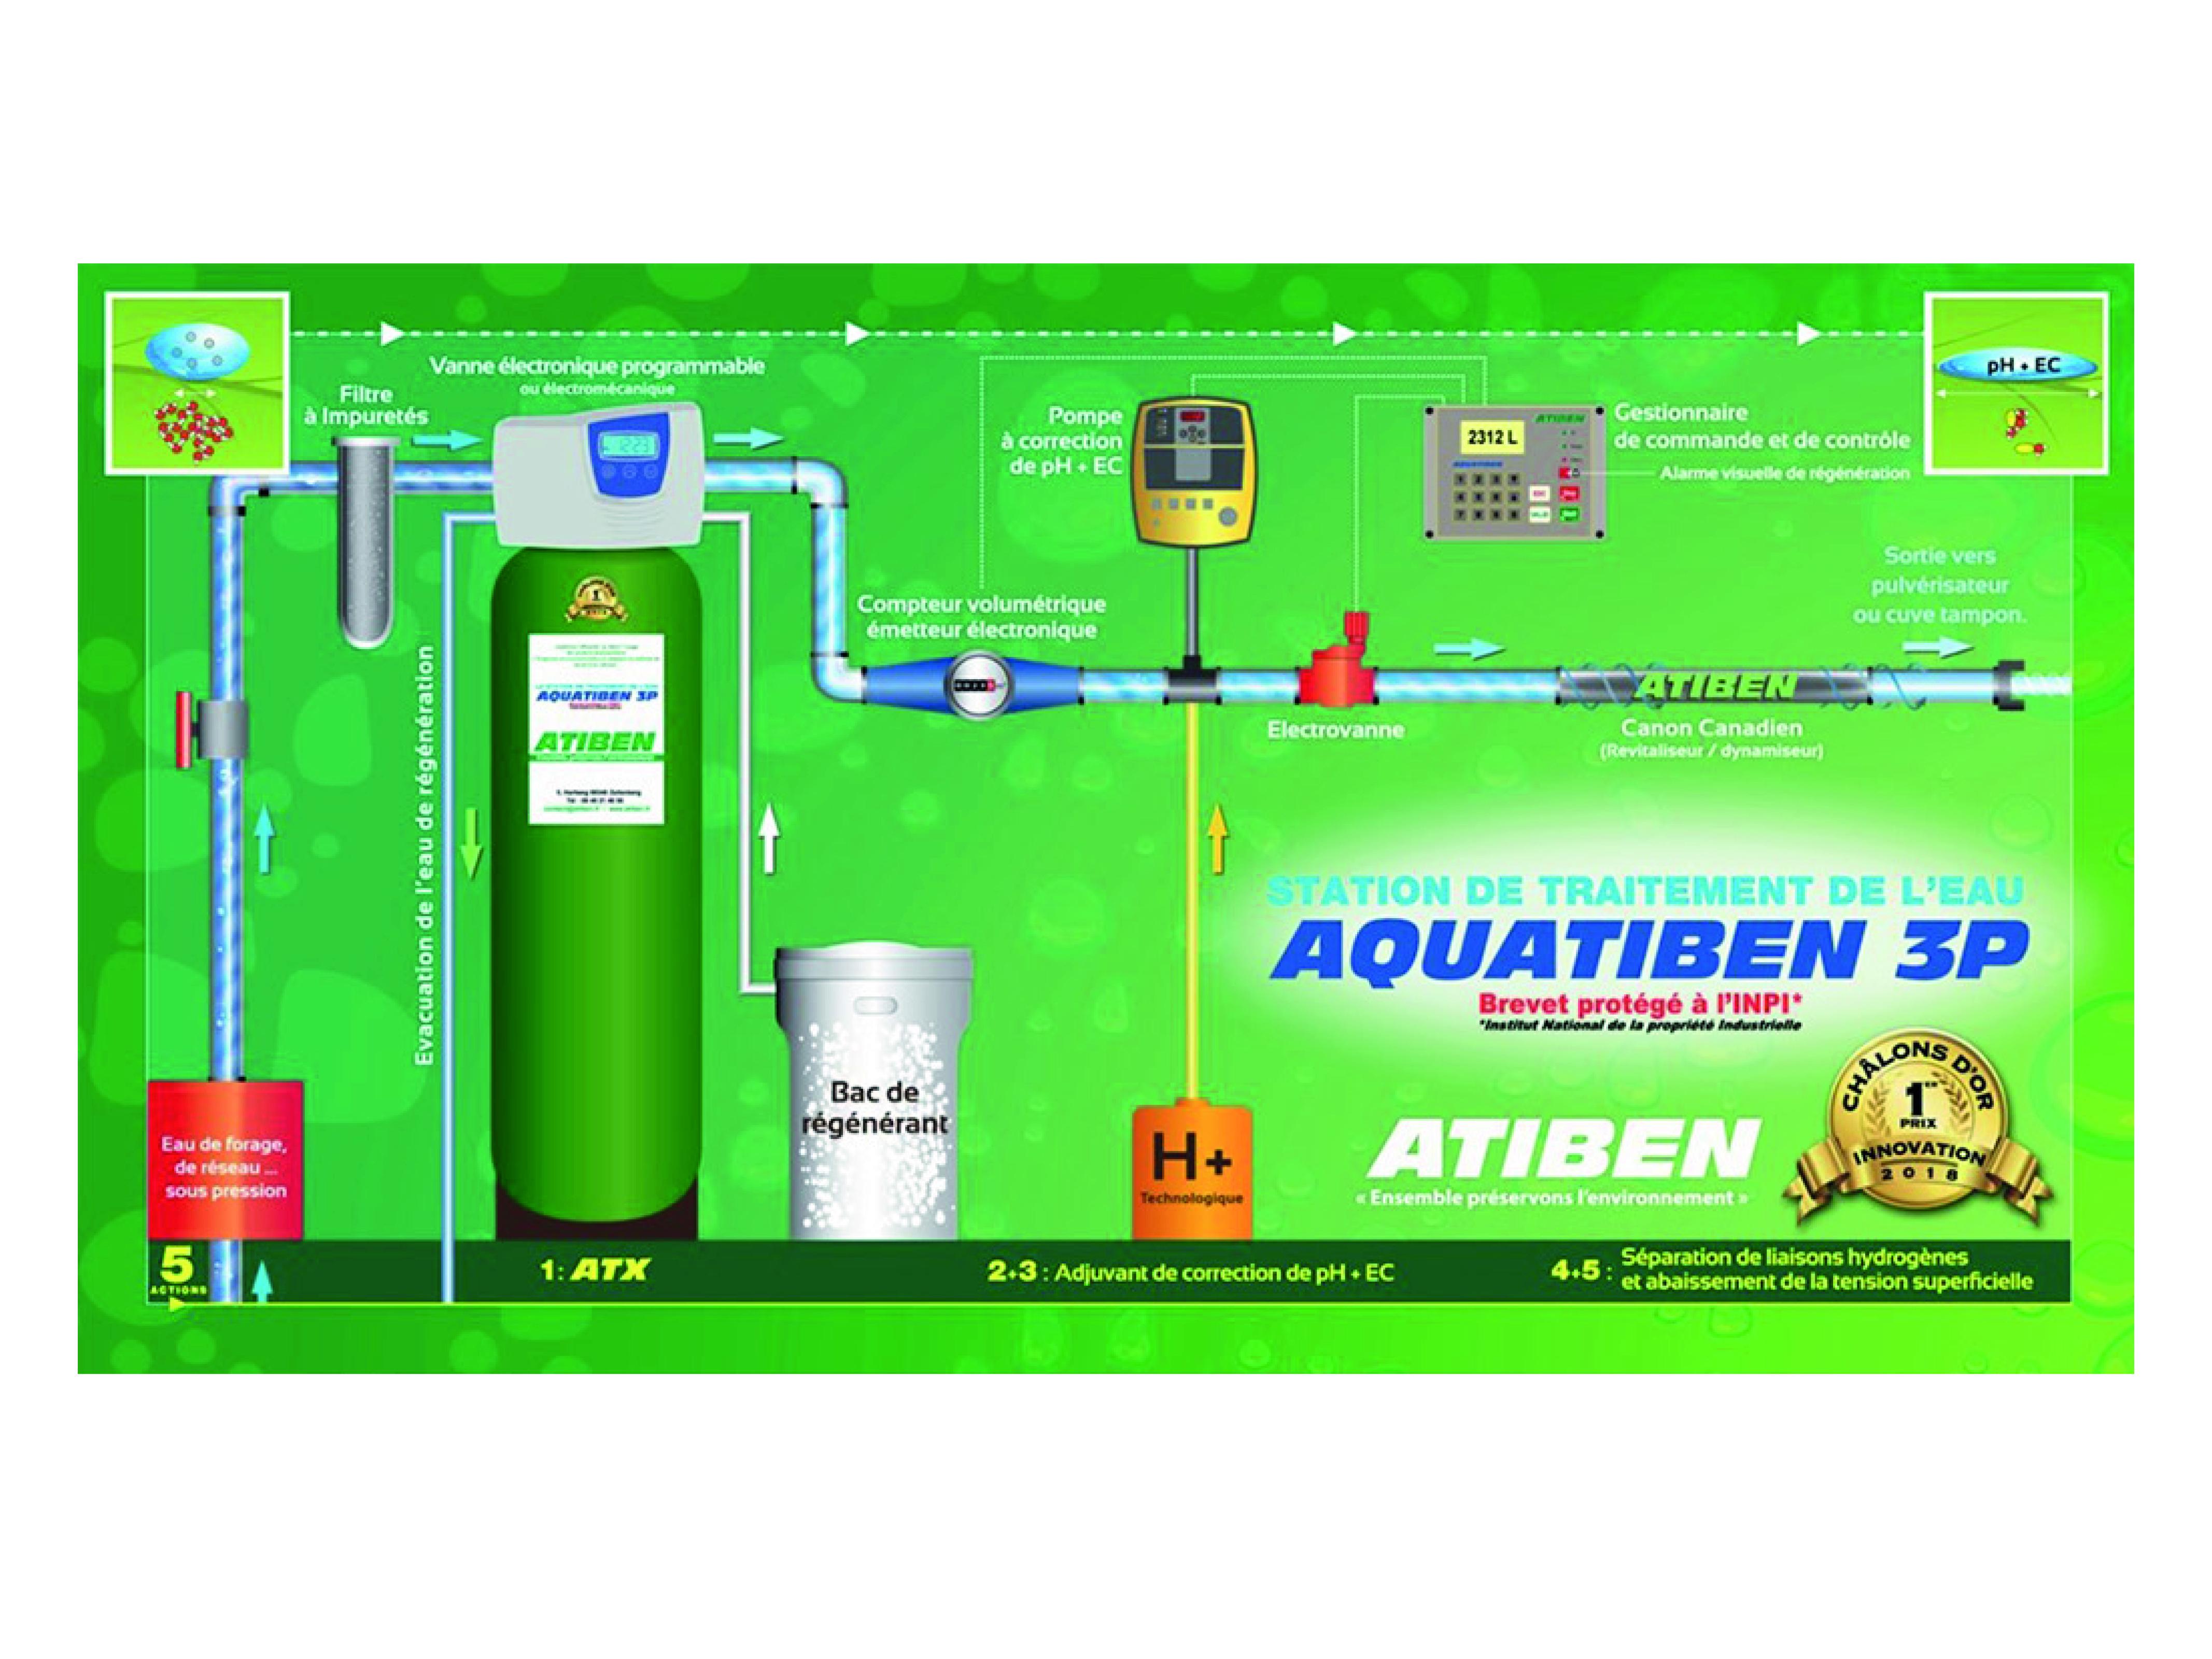 Participez à la présentation de la station Aquatiben 3P le mercredi 20 Janvier !